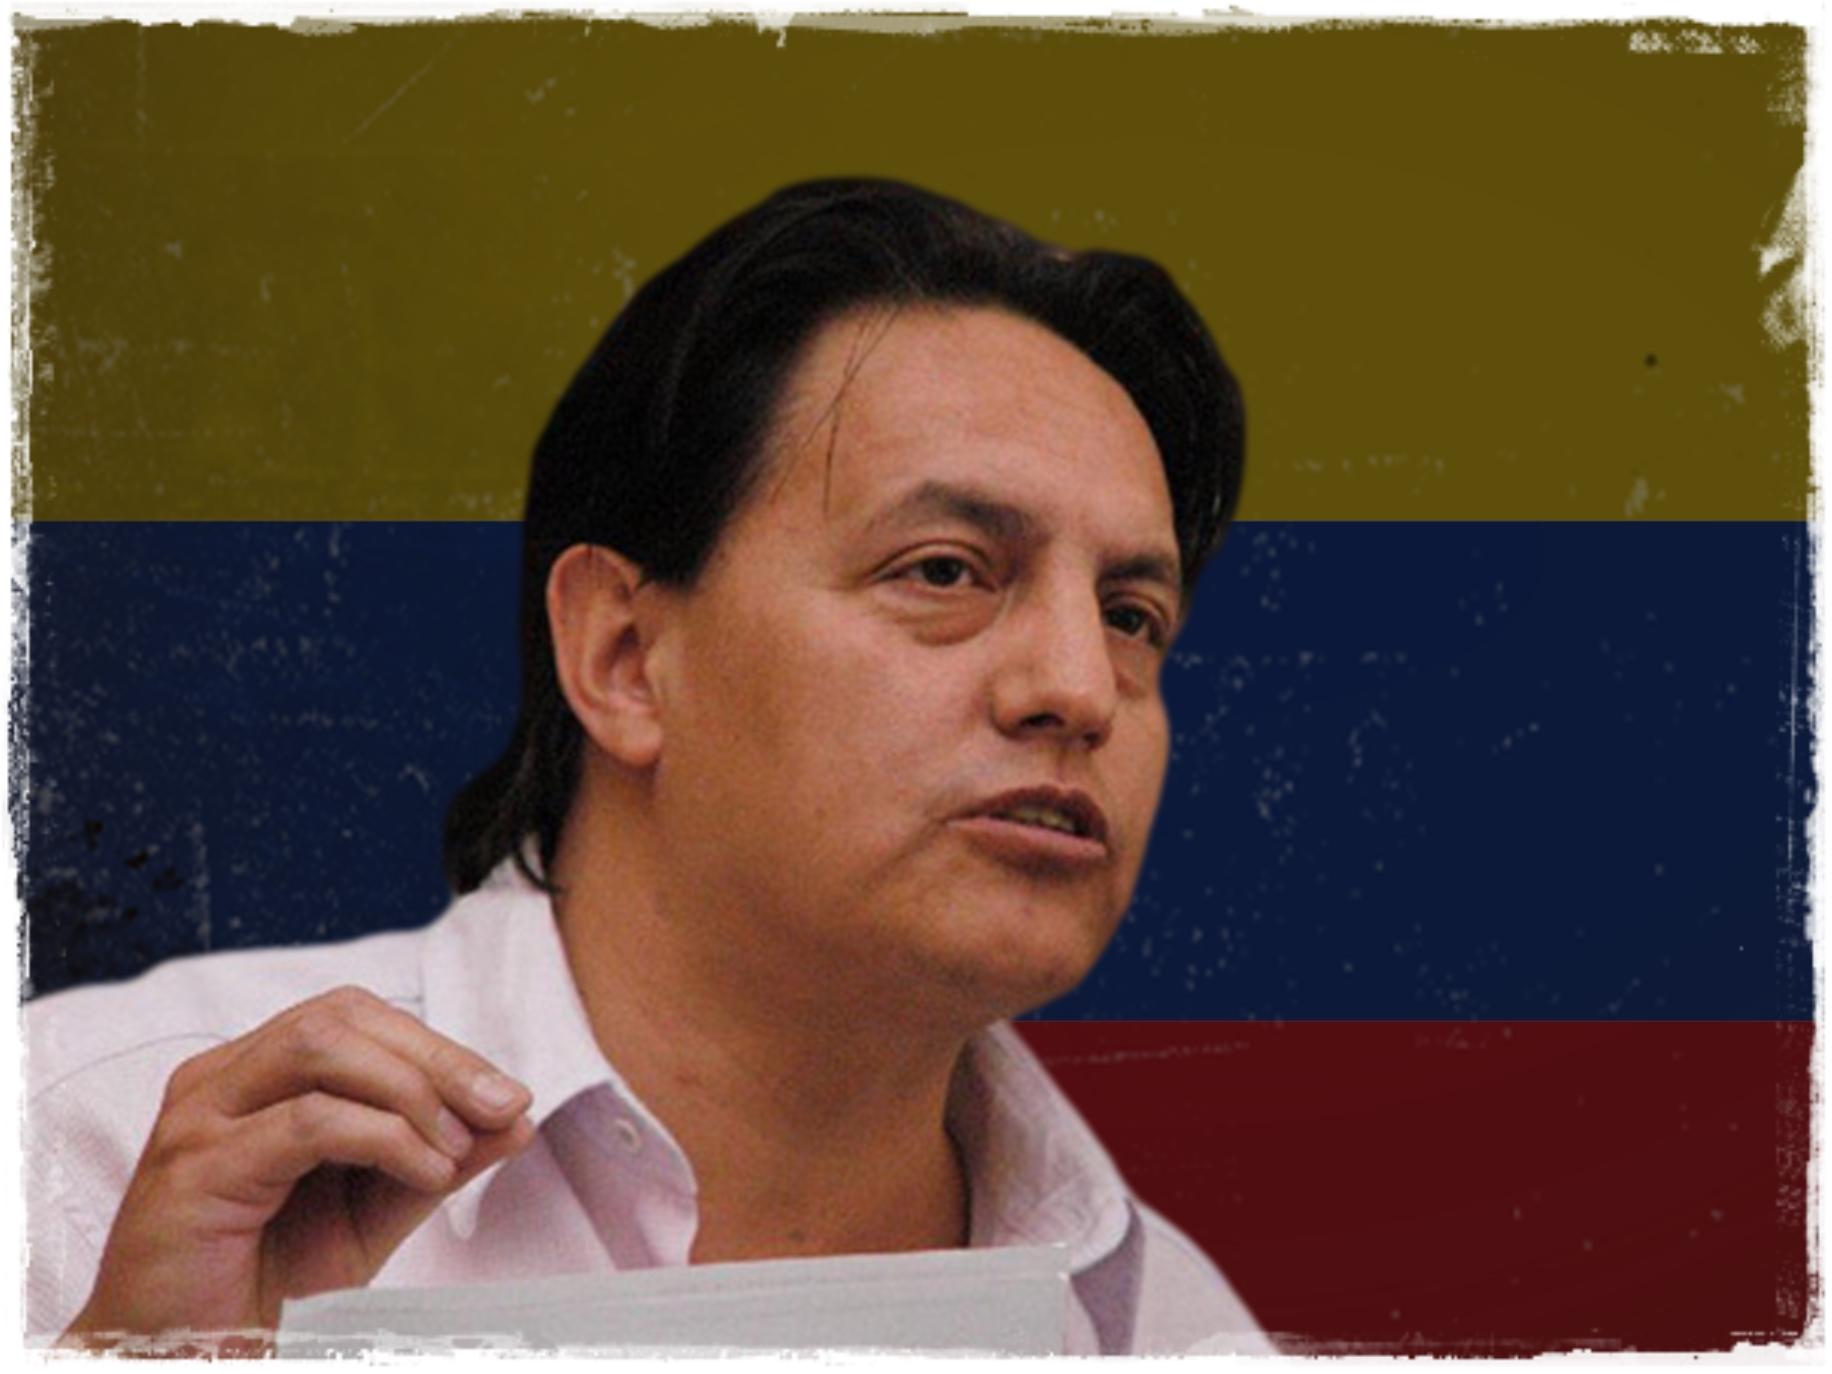 Foto: Ecuador Times